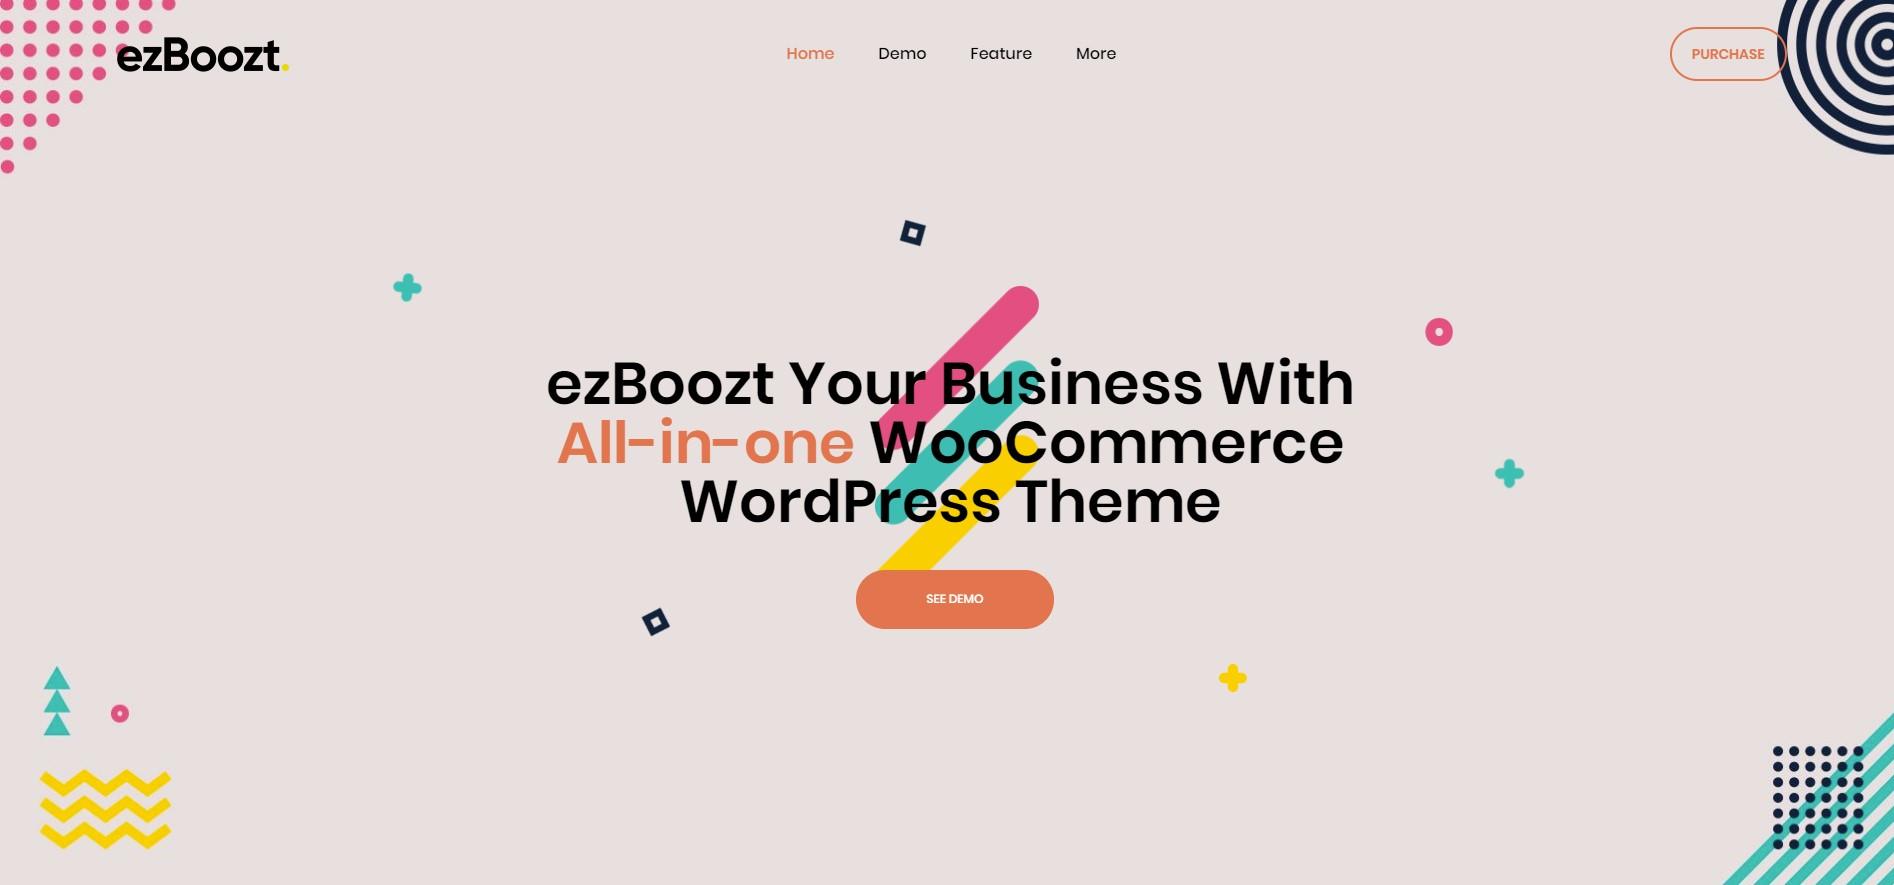 Ezboozt Multipurpose WordPress Theme